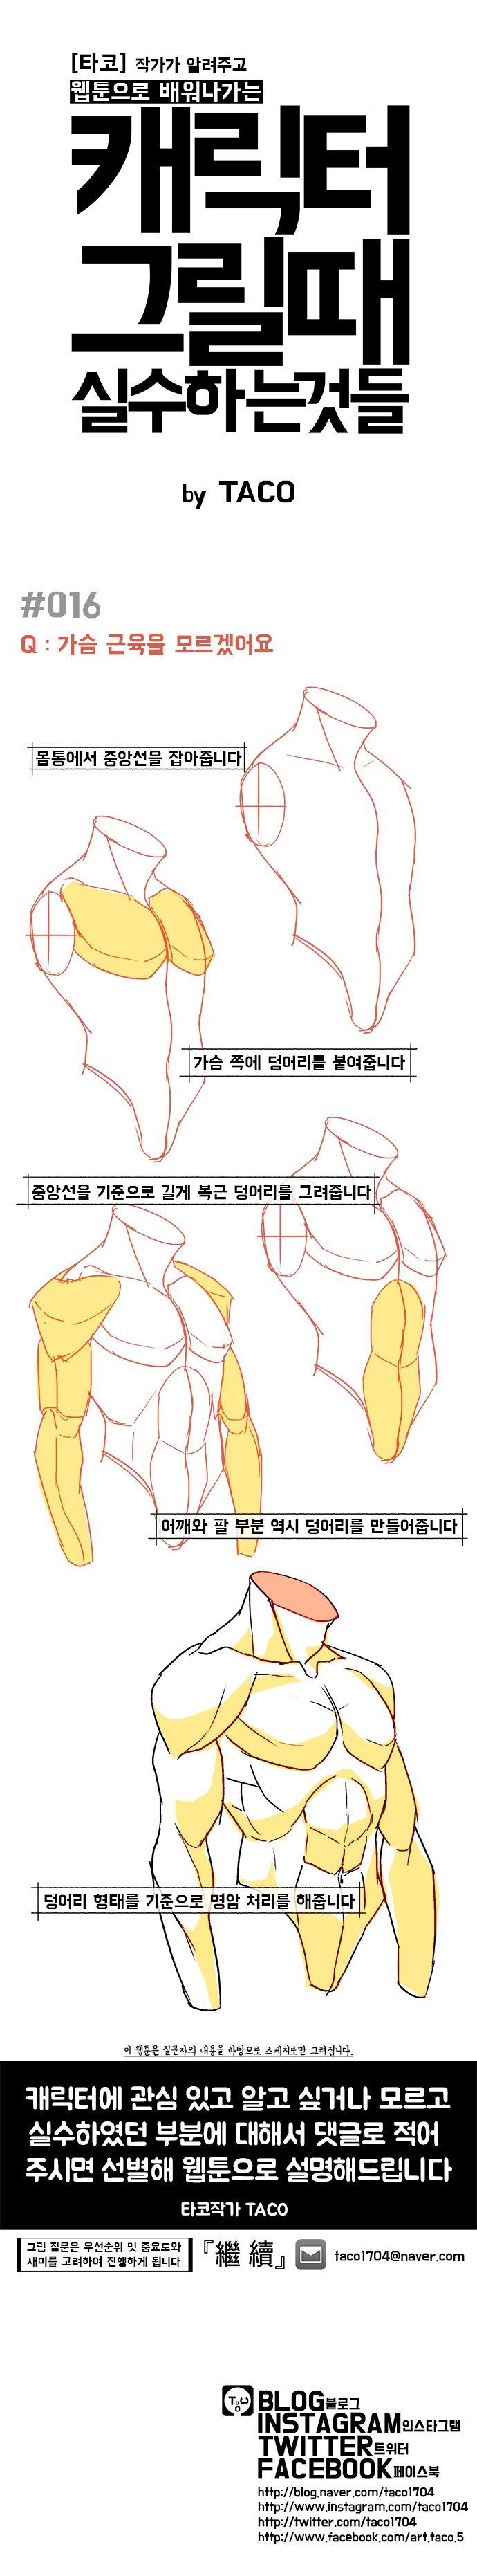 Muskeln | Zeichentipps , Bases und mehr | Pinterest | Content, Comic ...